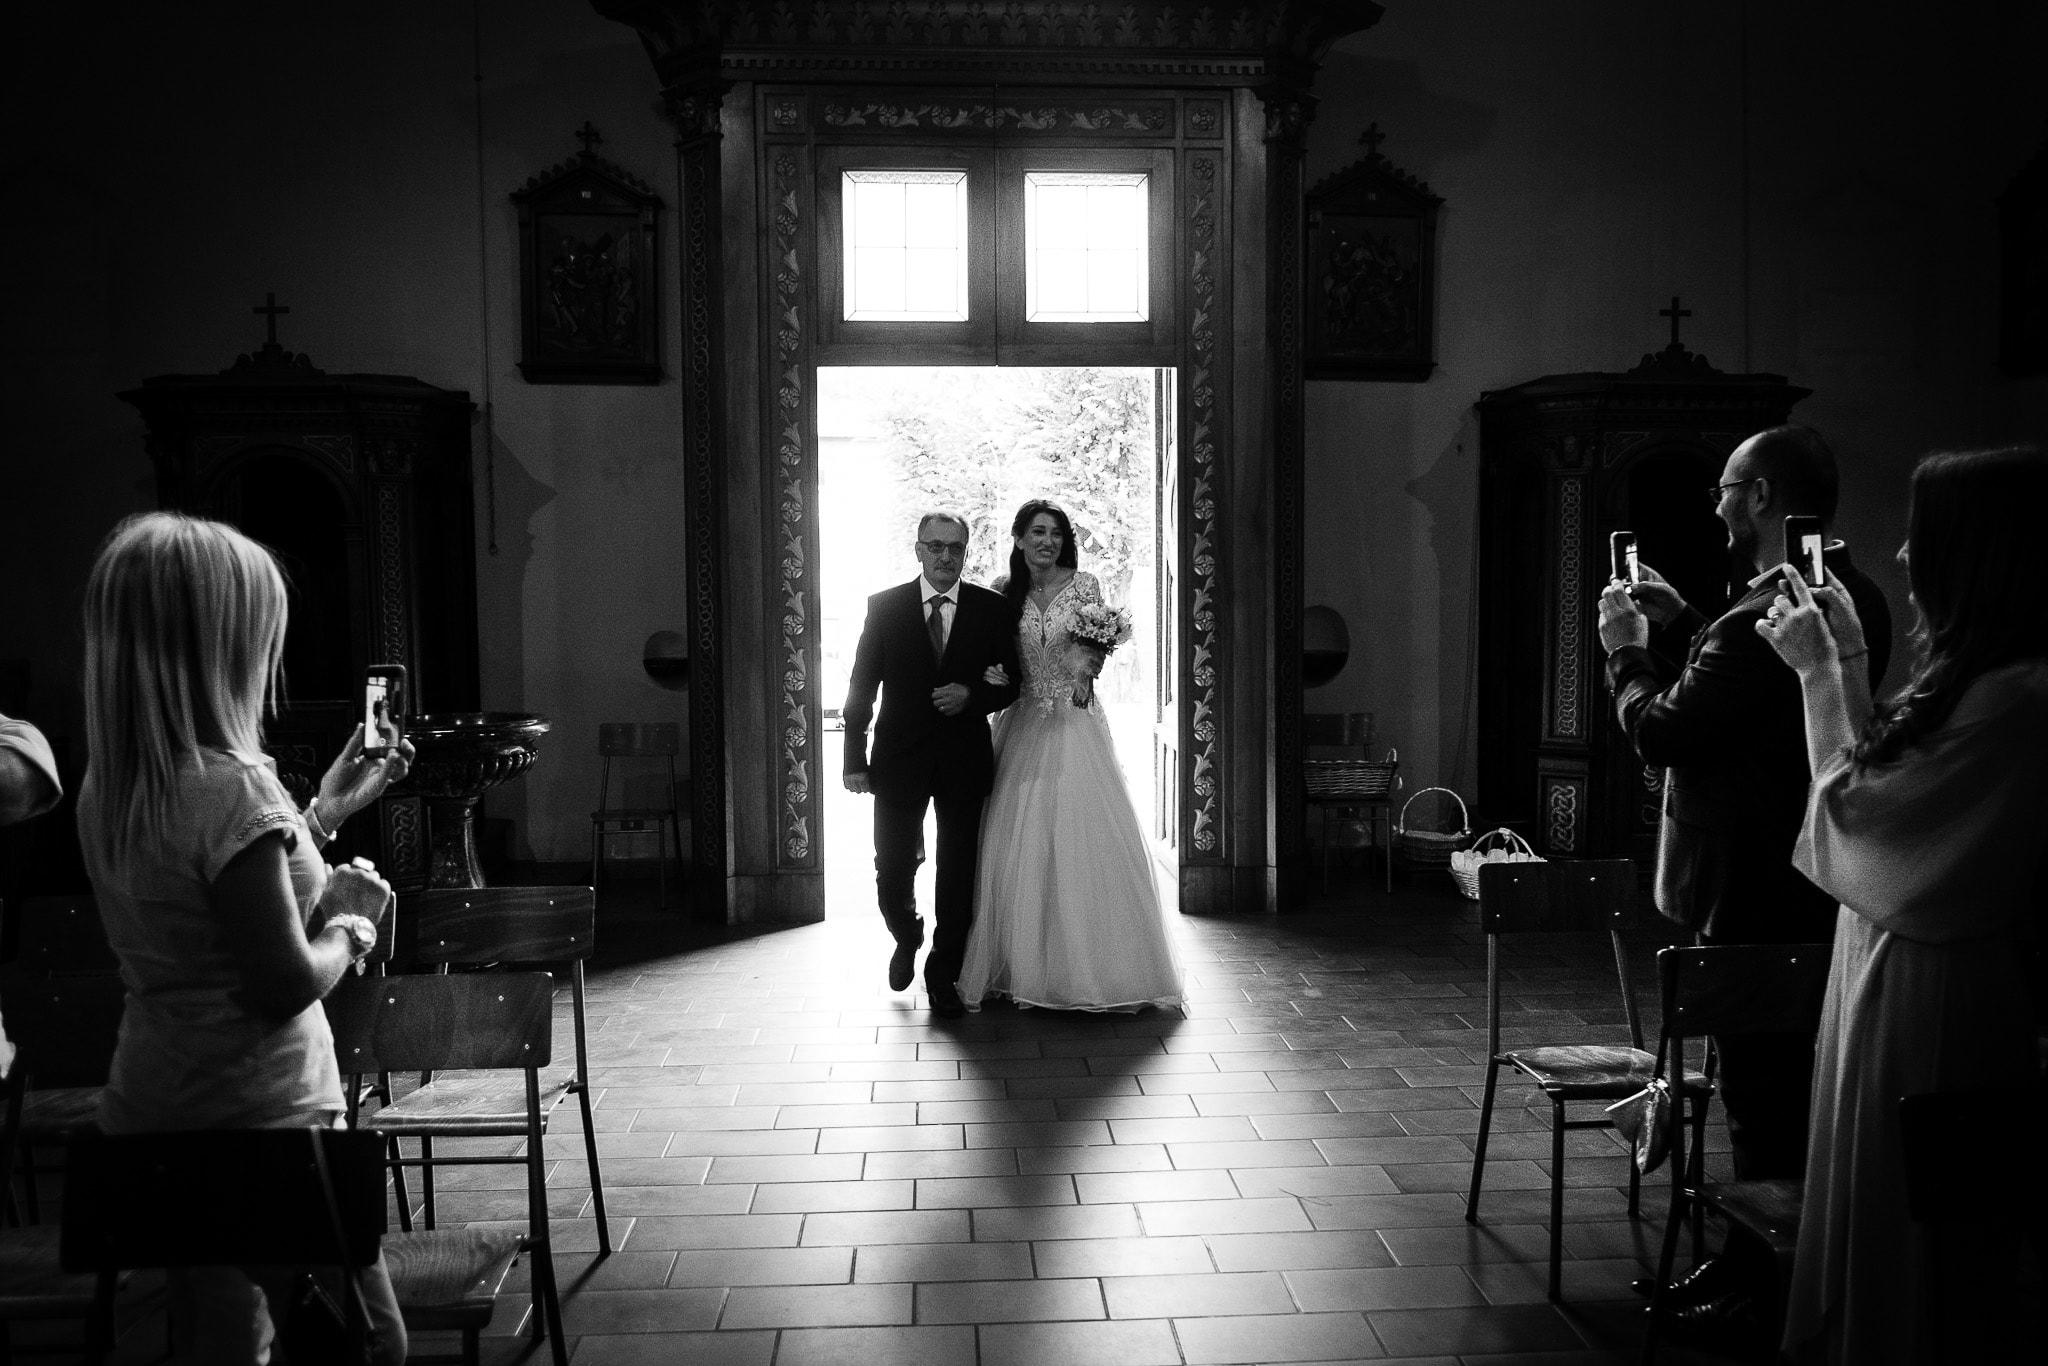 Matrimonio Lecco chiesa promessi sposi 39